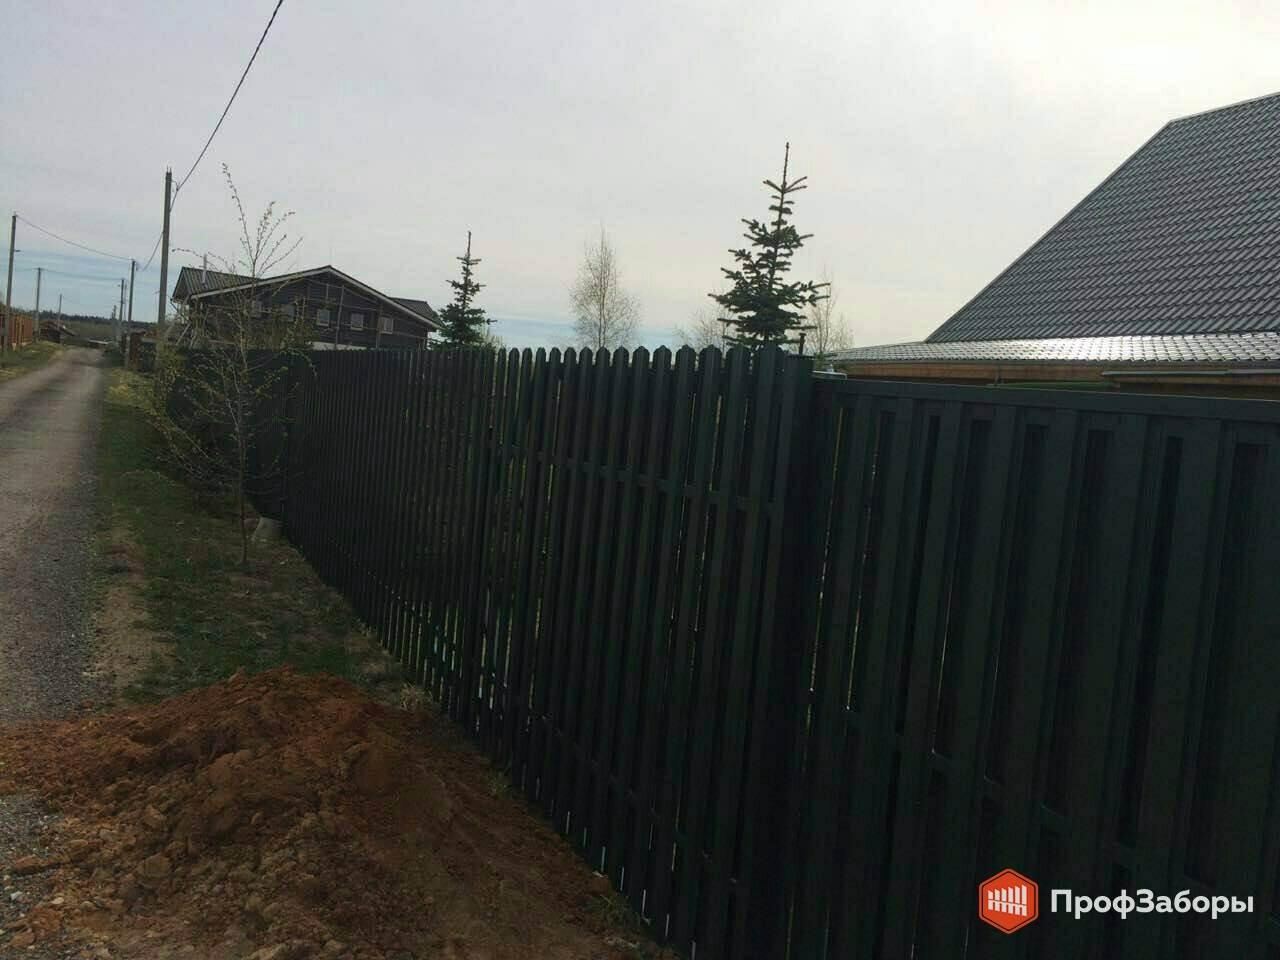 Заборы Из евроштакетника - Раменский район. Фото 3